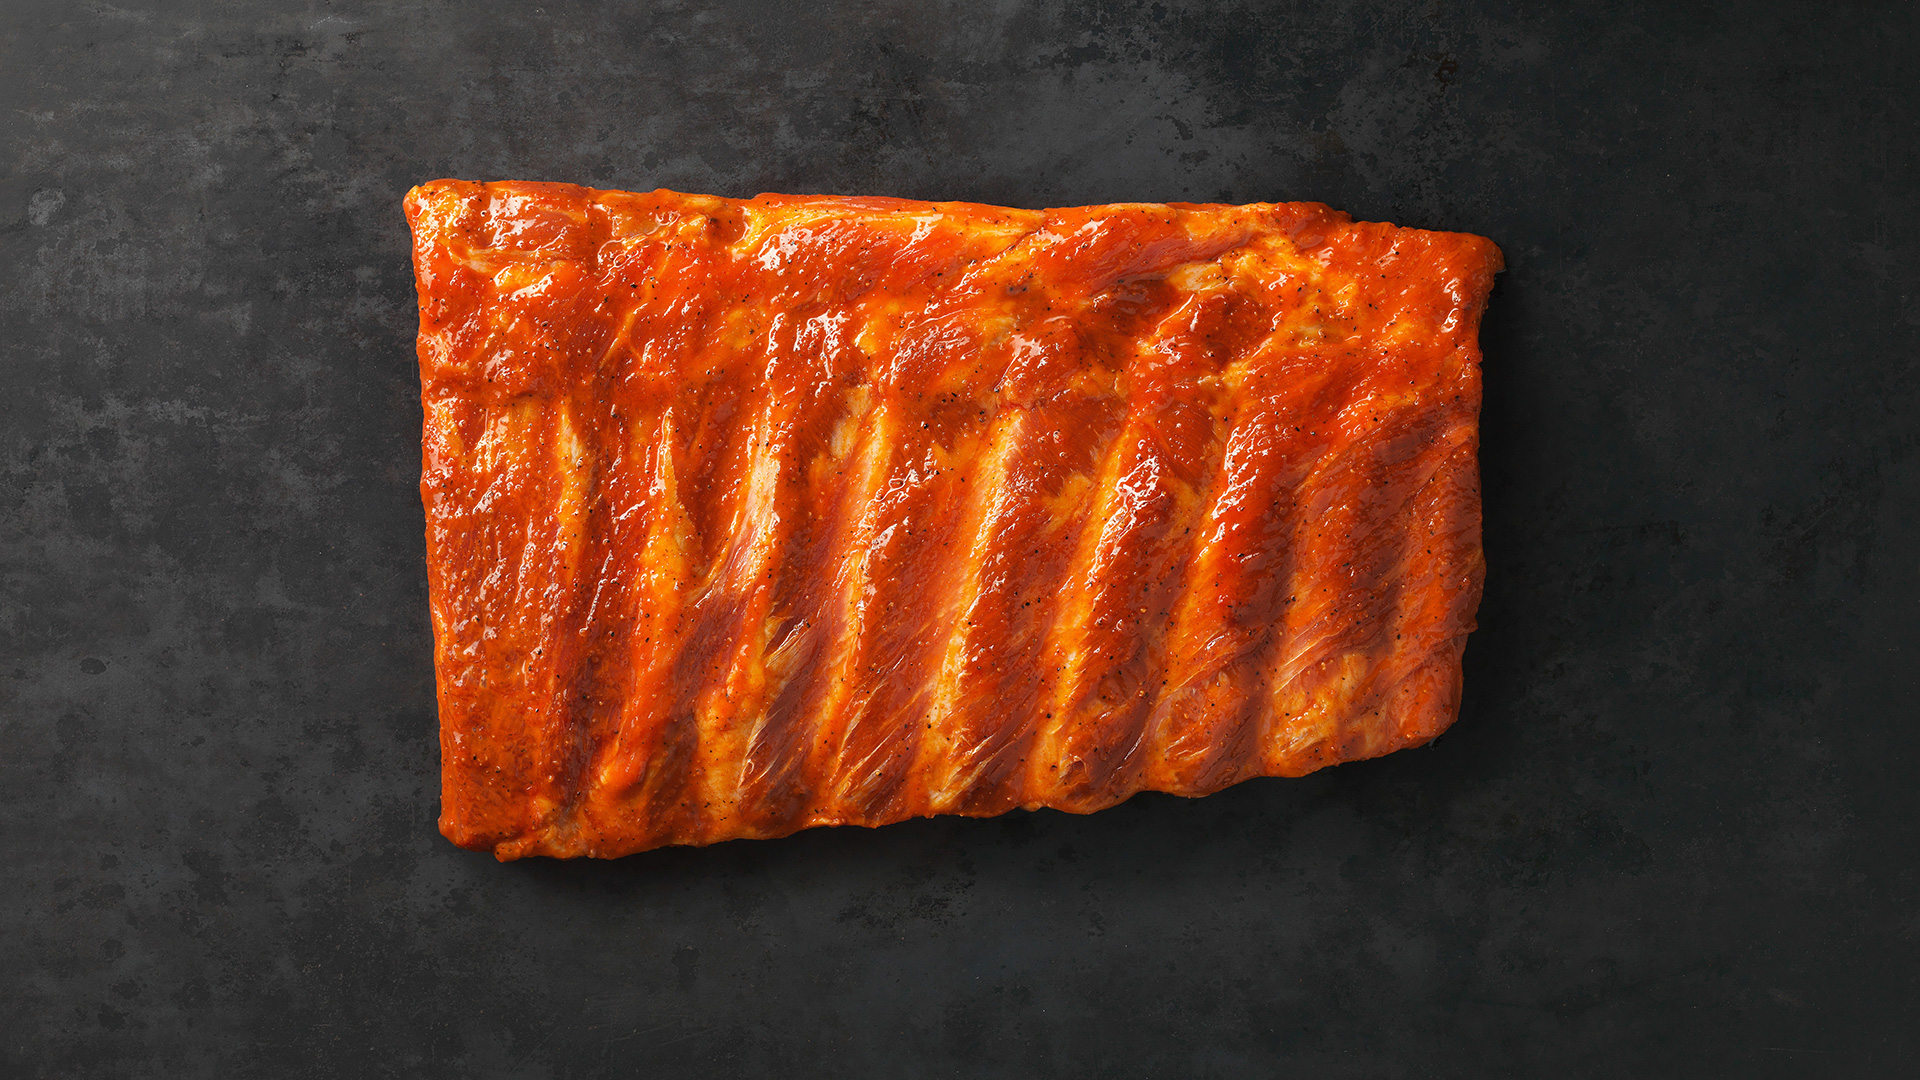 Hofstädter St. Louis Cut Ribs BBQ